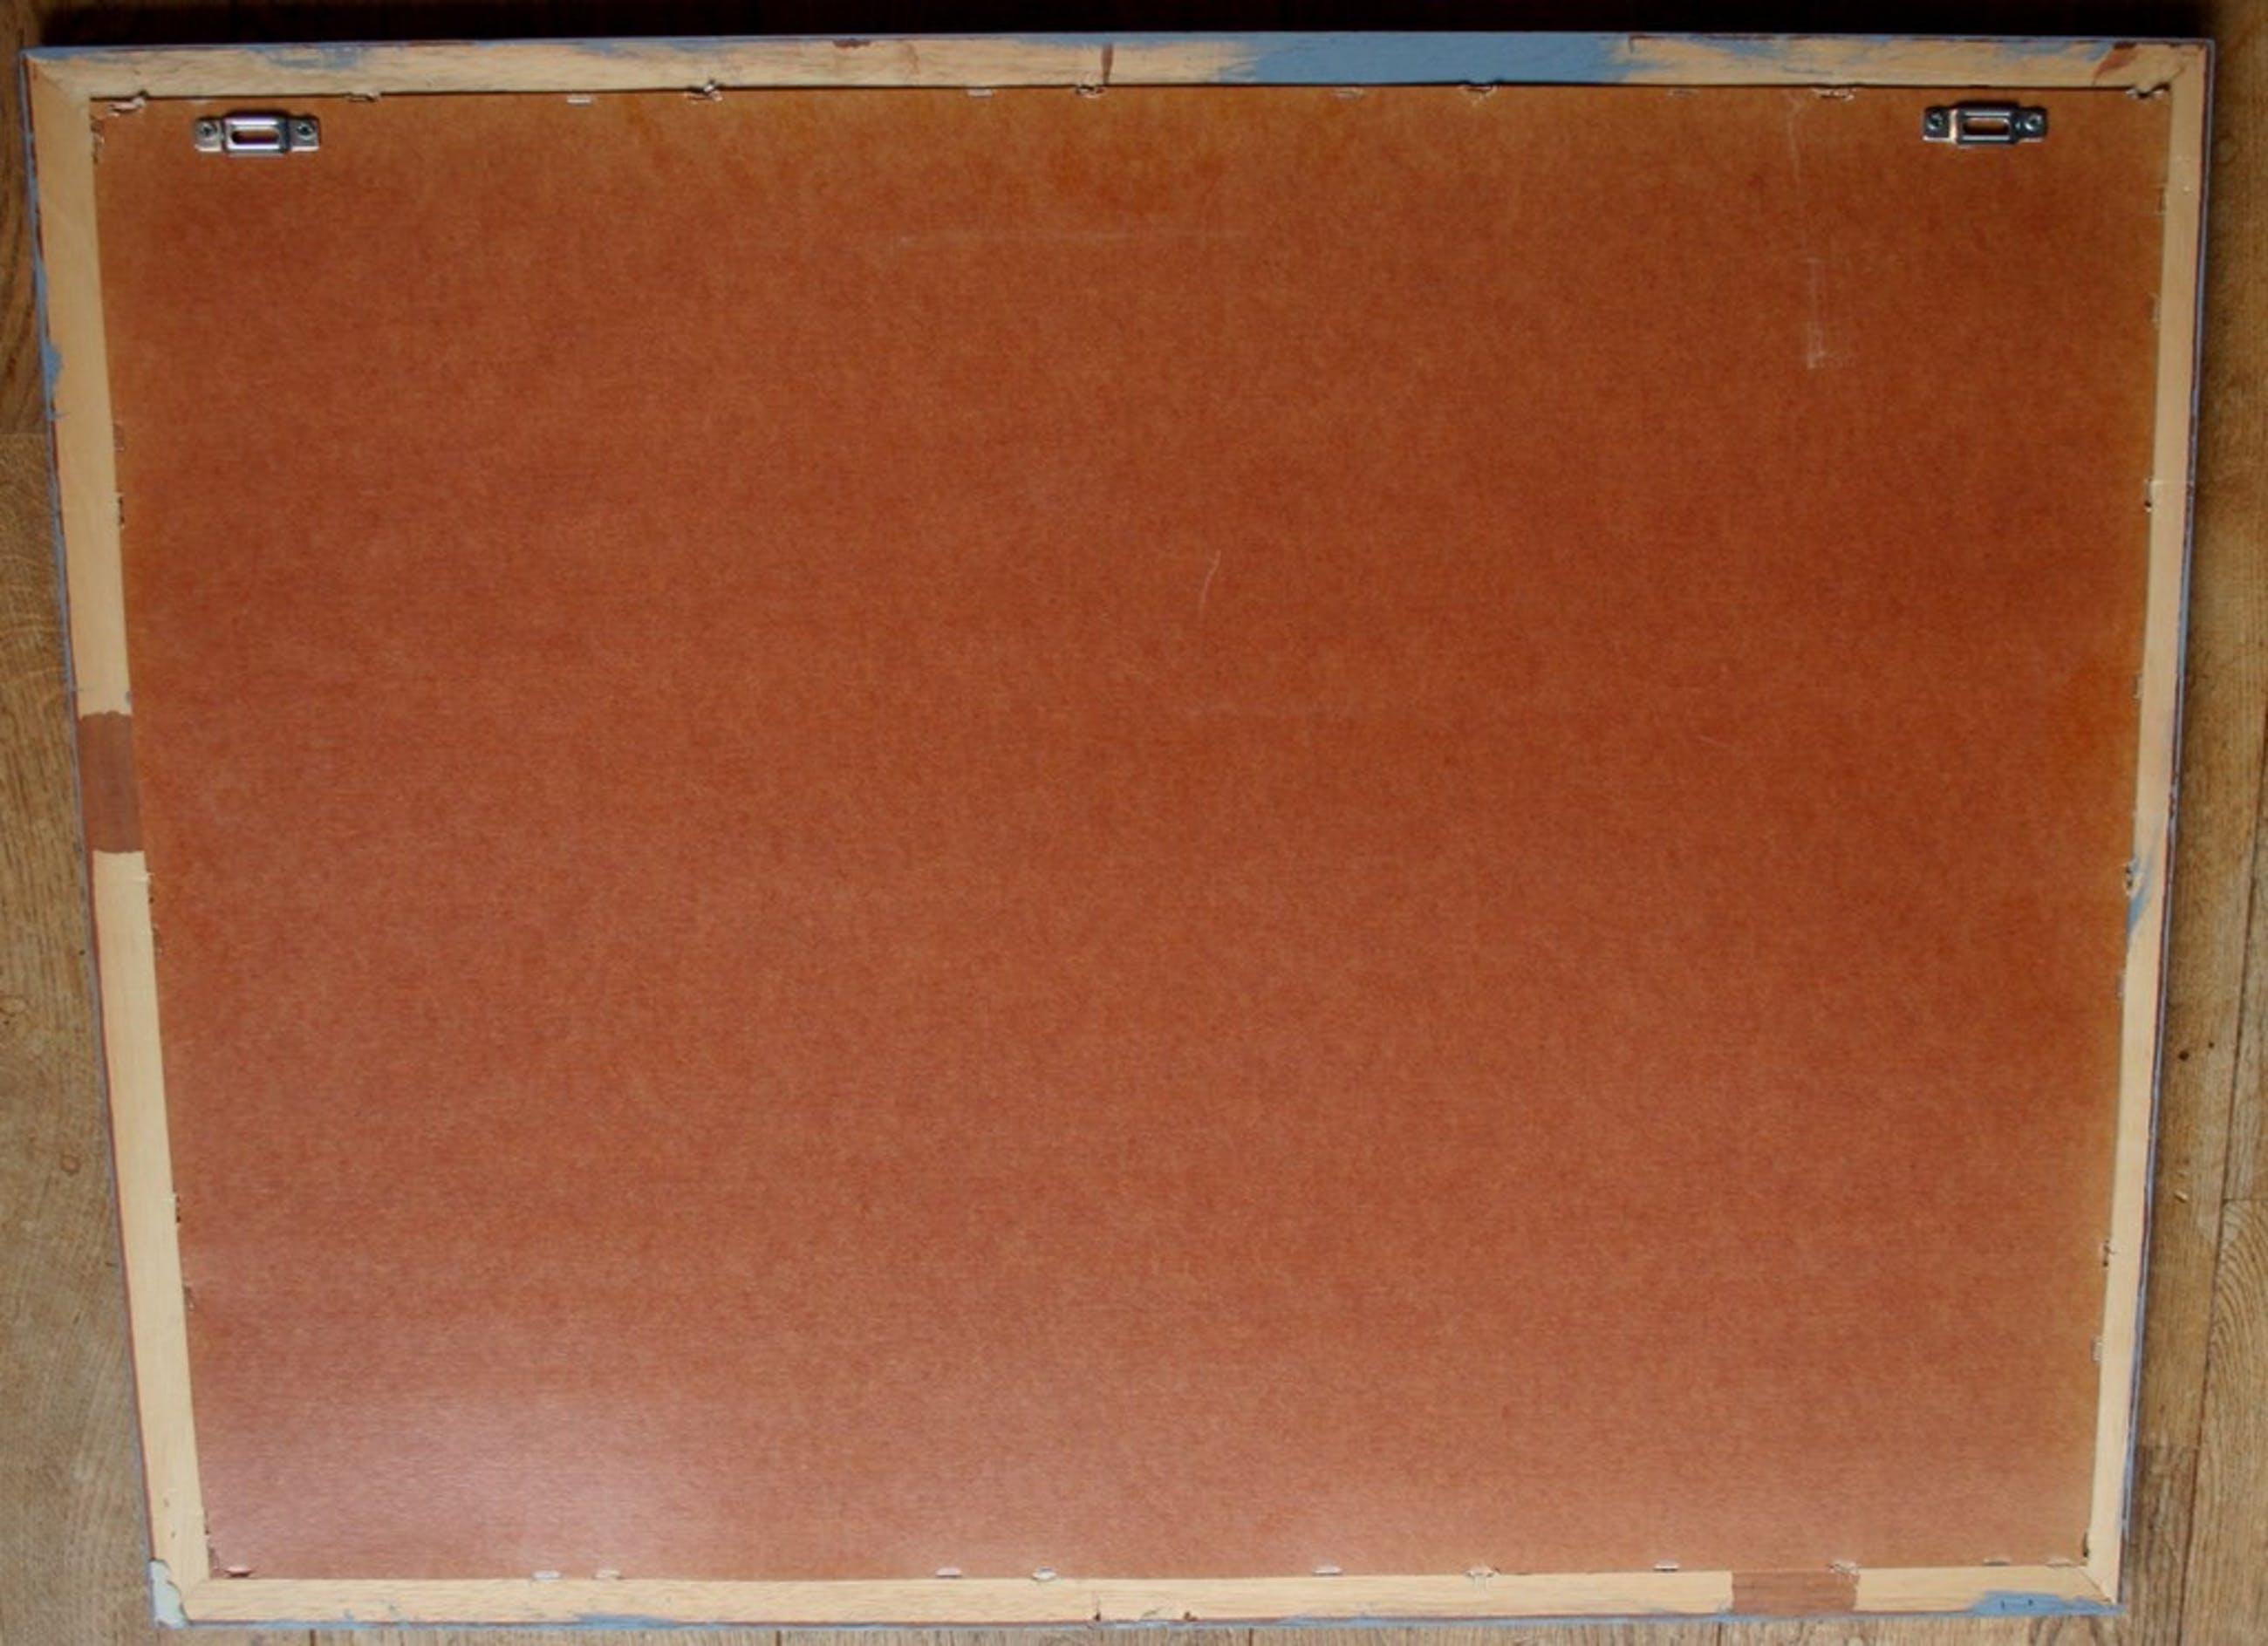 Karel Timmerman (1933) - Acrylverf op karton - jaren 70 - ongesigneerd kopen? Bied vanaf 75!